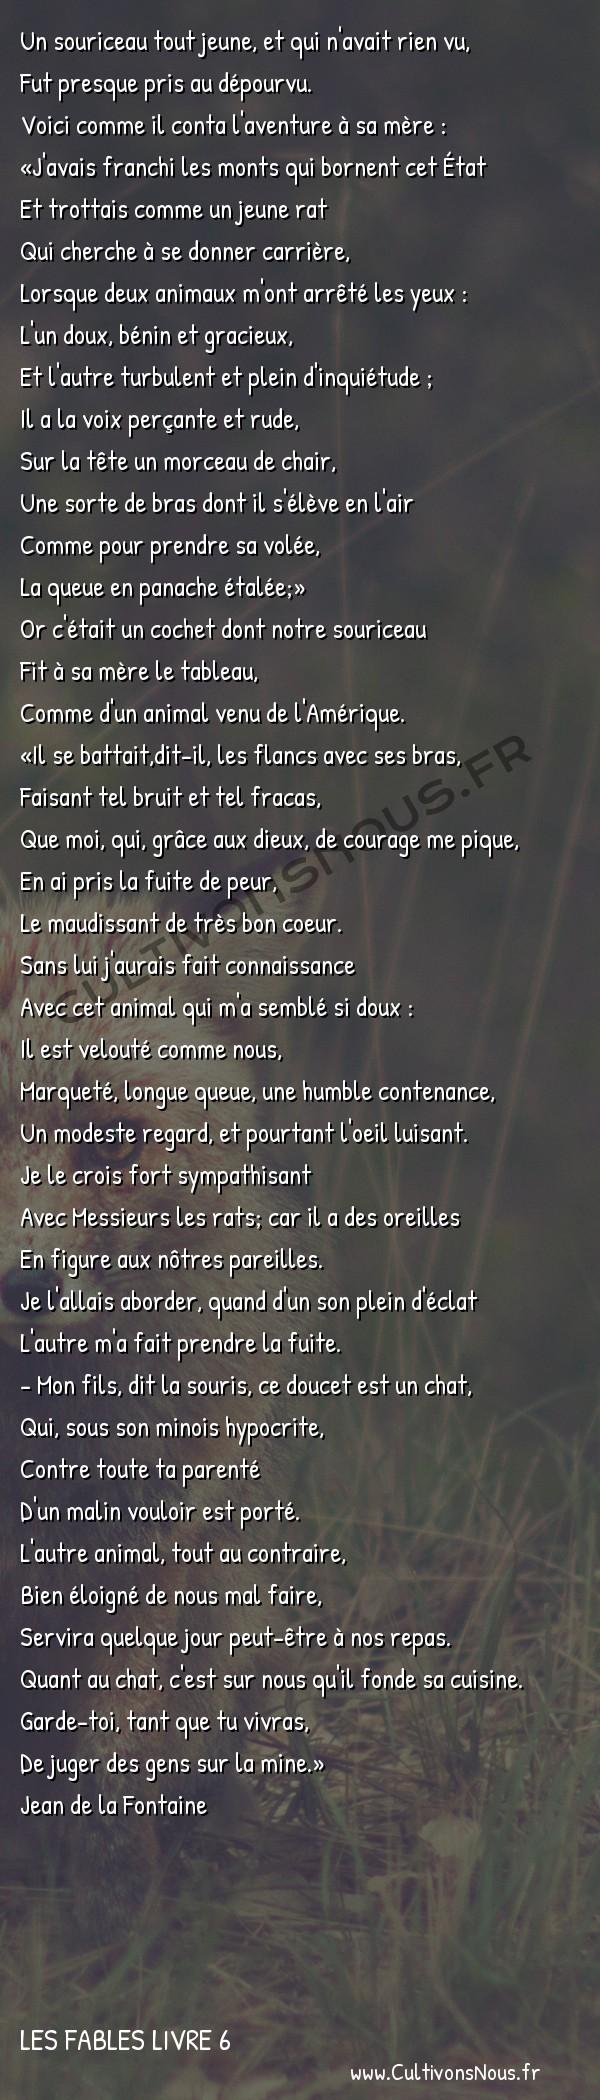 Fables Jean de la Fontaine - Les fables Livre 6 - Le Cochet le Chat et le Souriceau -   Un souriceau tout jeune, et qui n'avait rien vu, Fut presque pris au dépourvu.